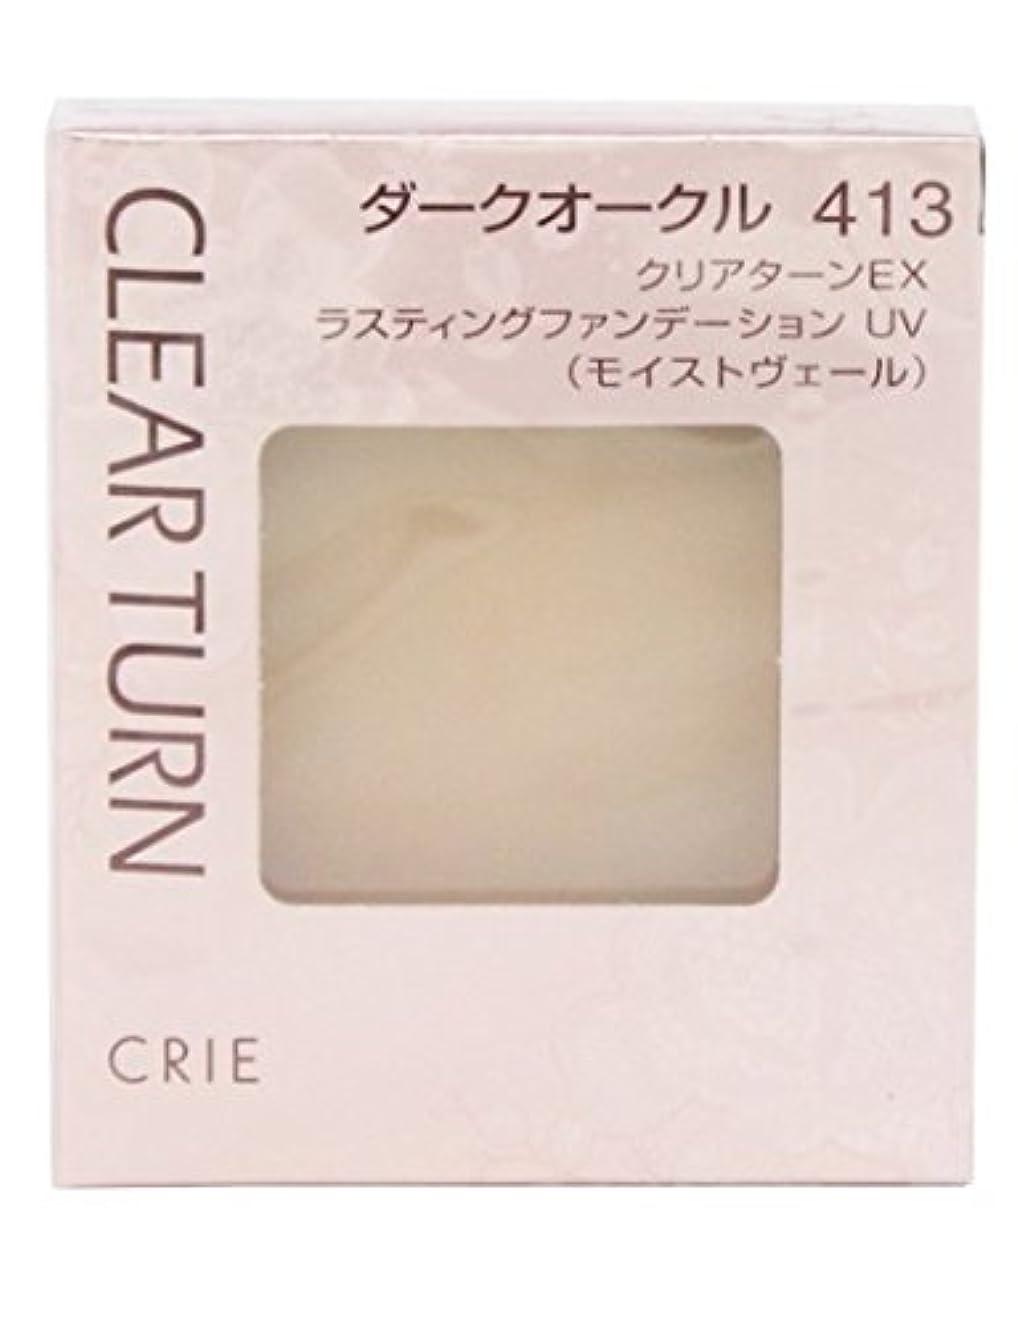 重なる委任する正確なクリエ(CRIE) クリアターンEX ラスティングファンデーション UV (モイストヴェール) #413 ダークオークル 9.5g